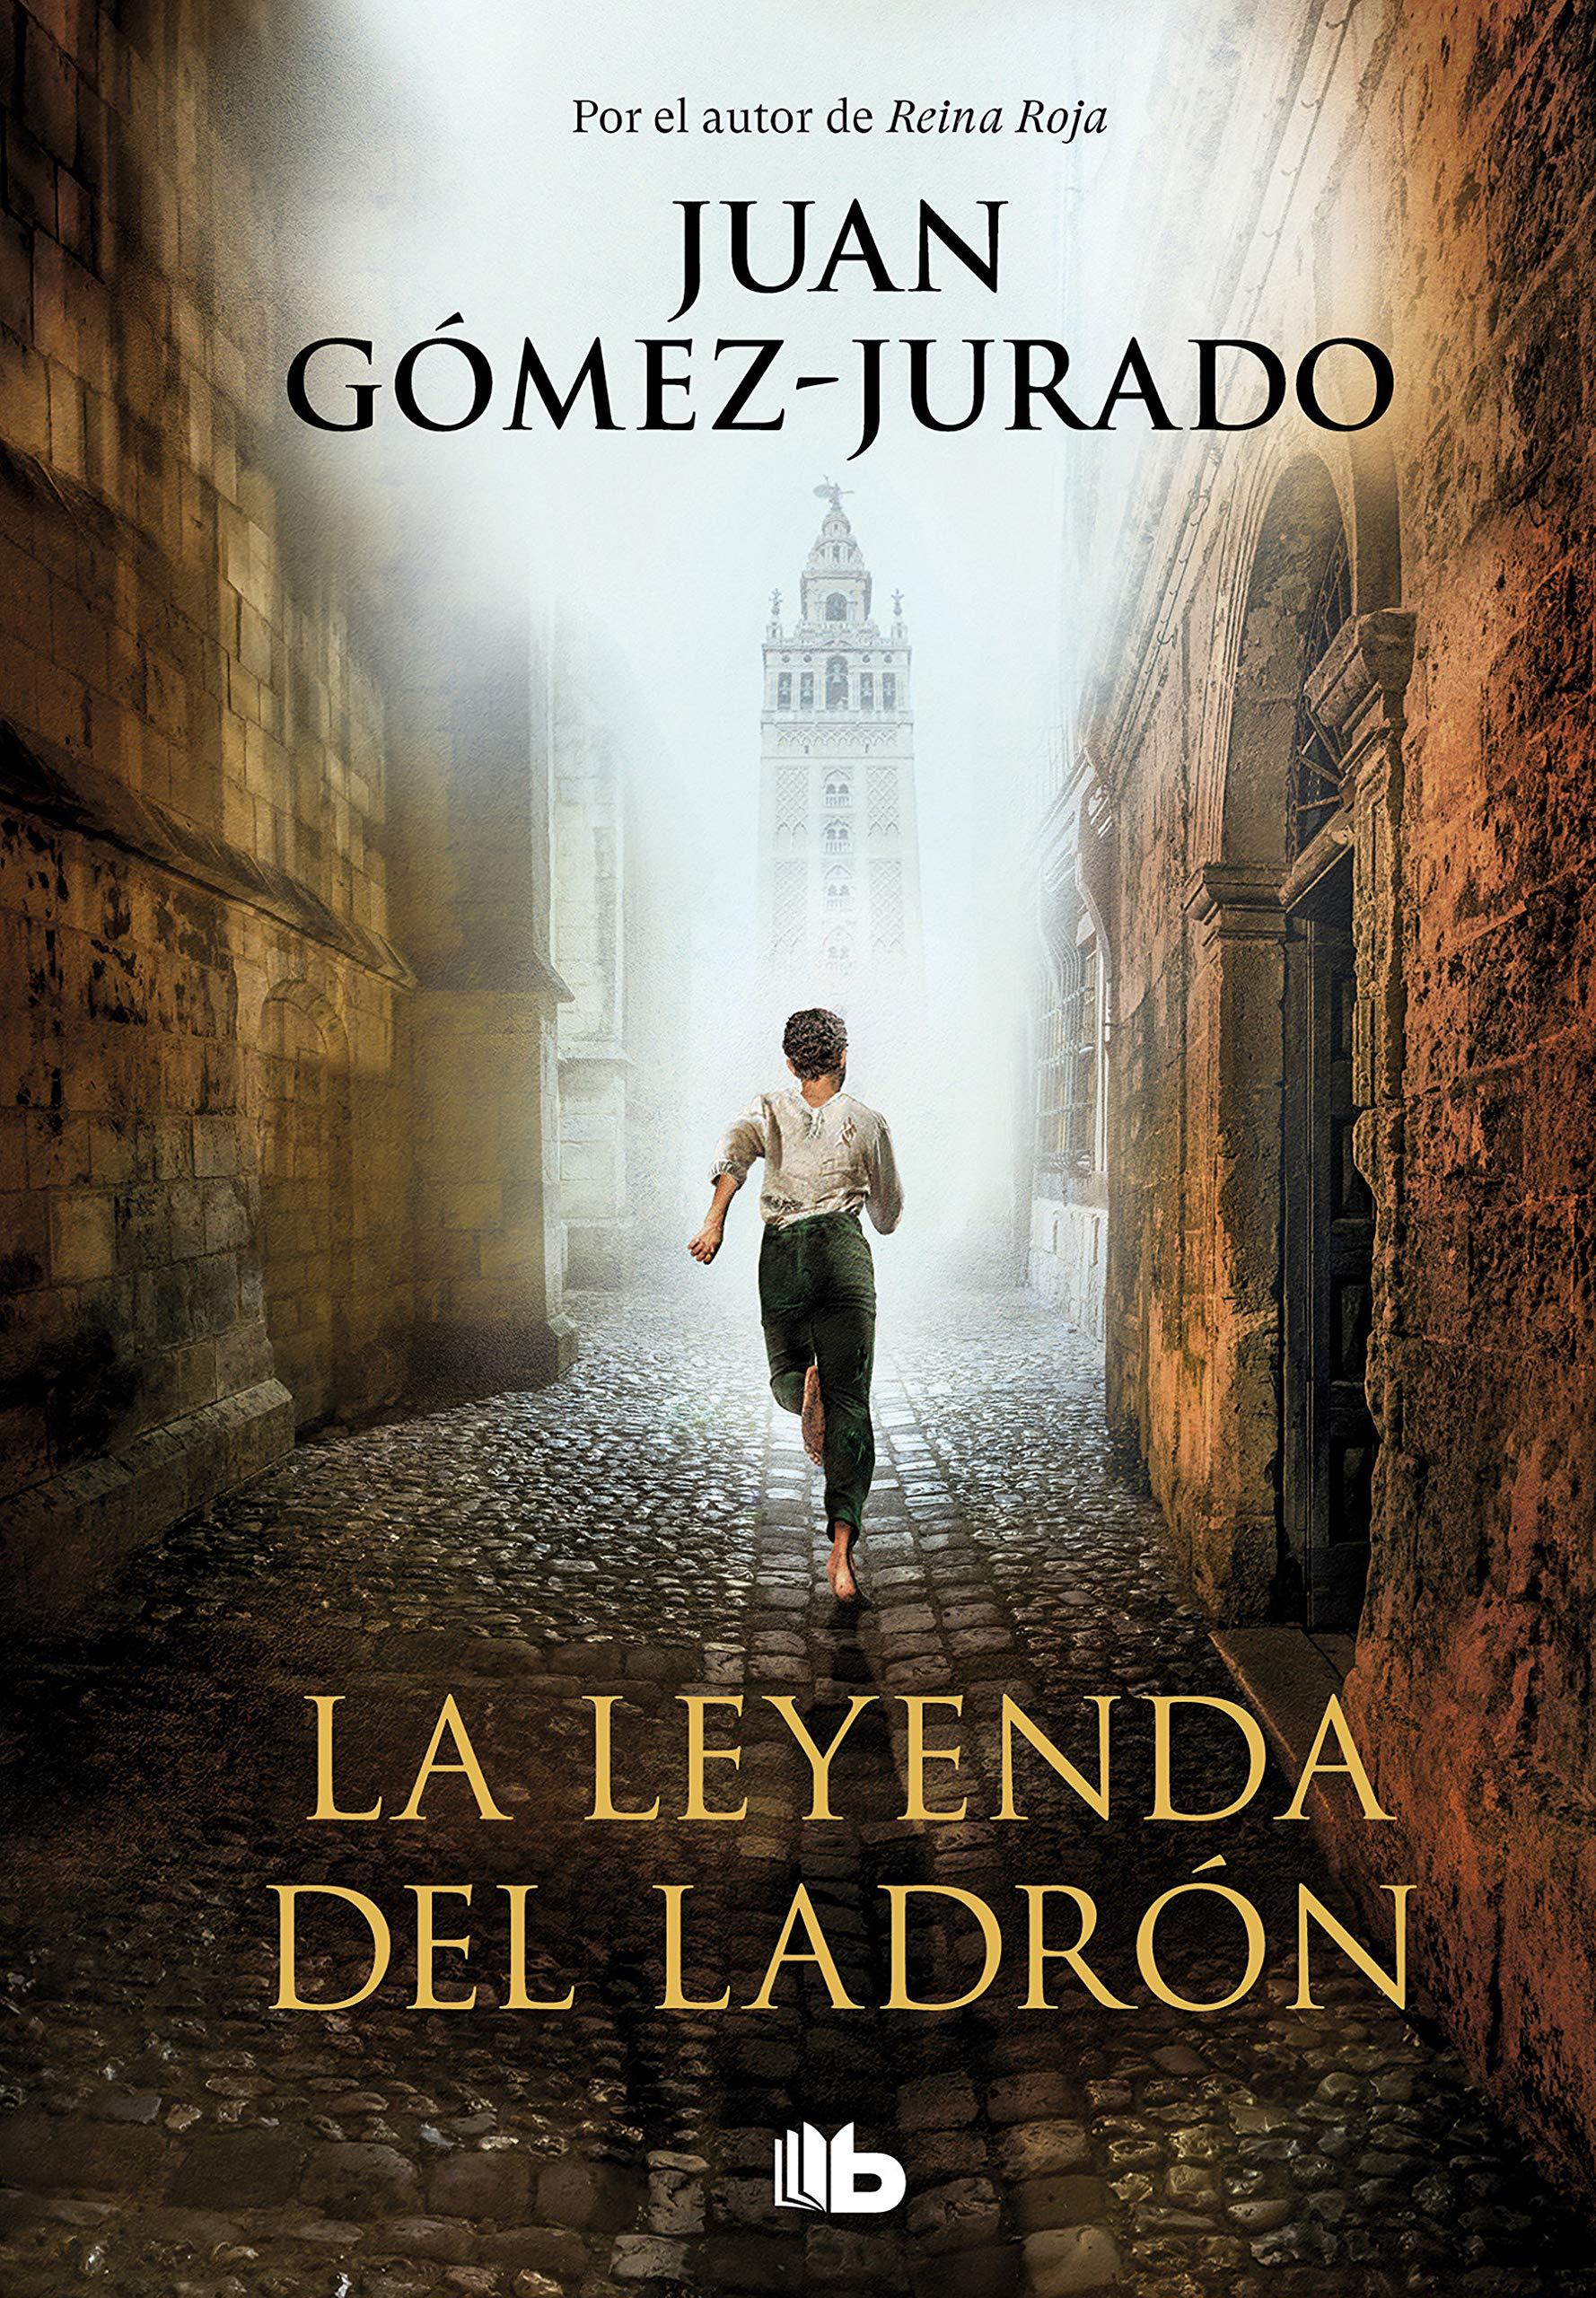 La leyenda del ladrón (Ficción): Amazon.es: Gómez-Jurado, Juan: Libros